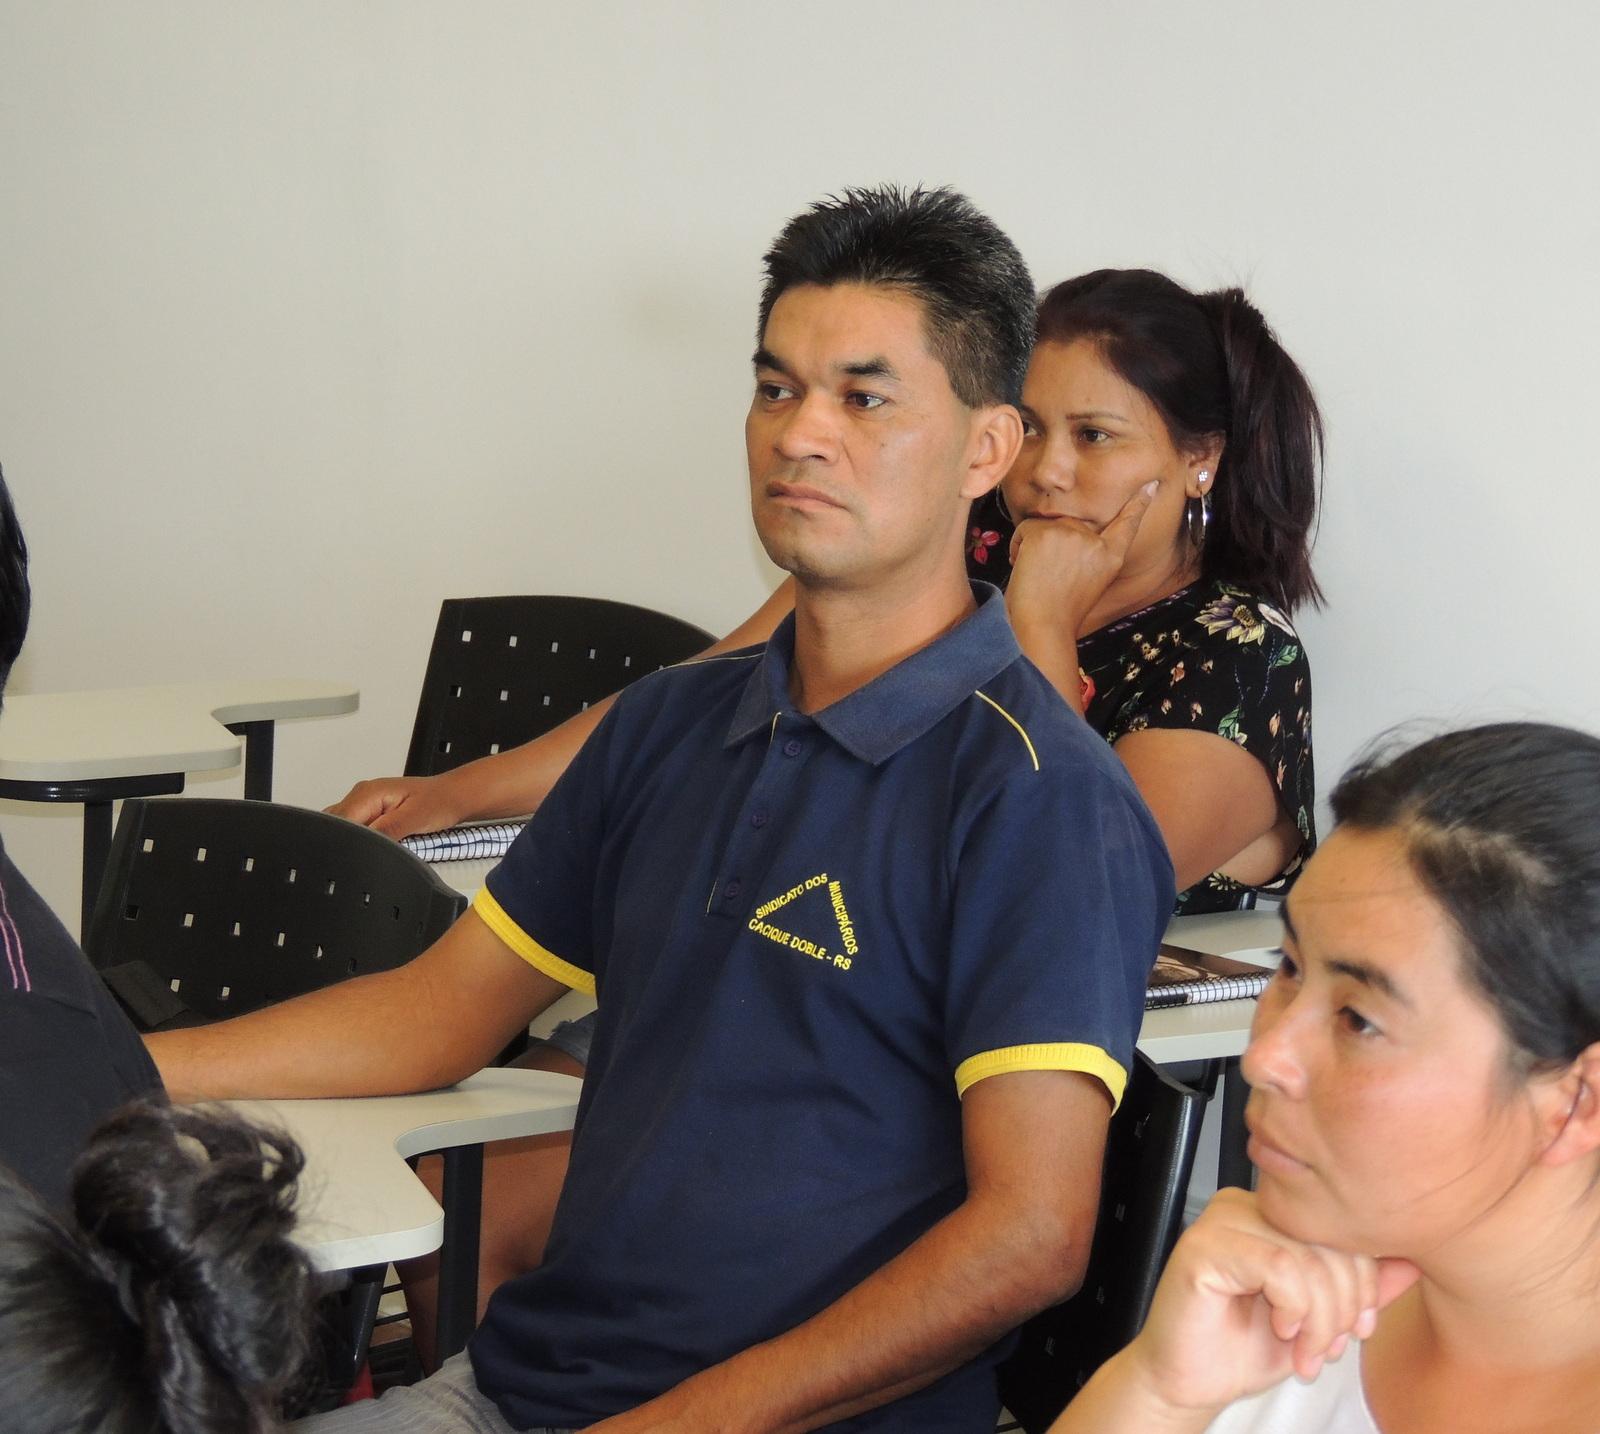 Processo seletivo exclusivo estudantes indígenas